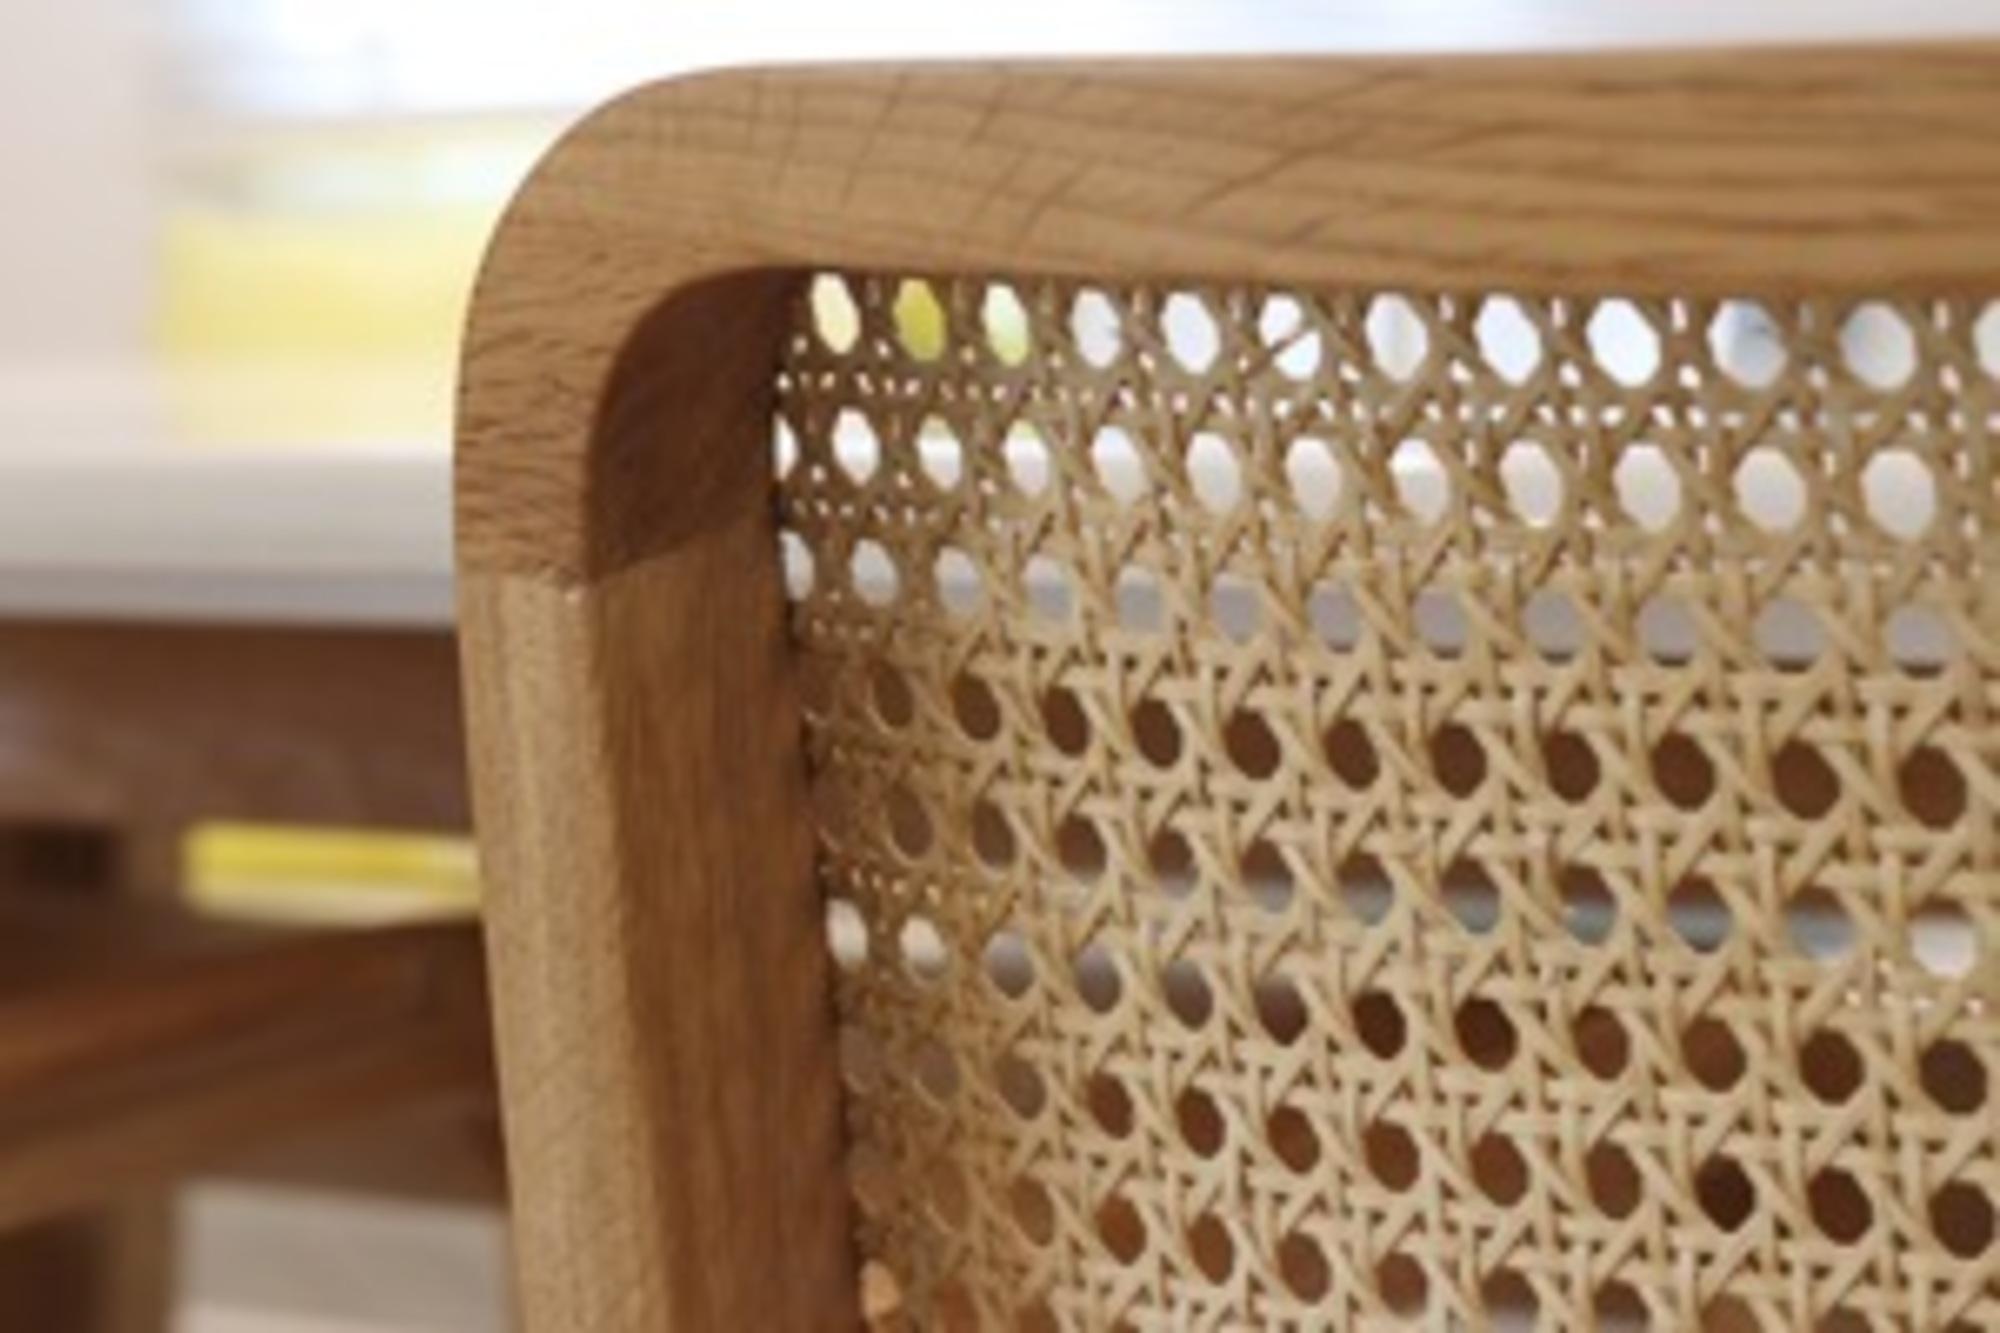 Ratgeber zur Möbelpflege  Worauf Sie unbedingt achten sollten